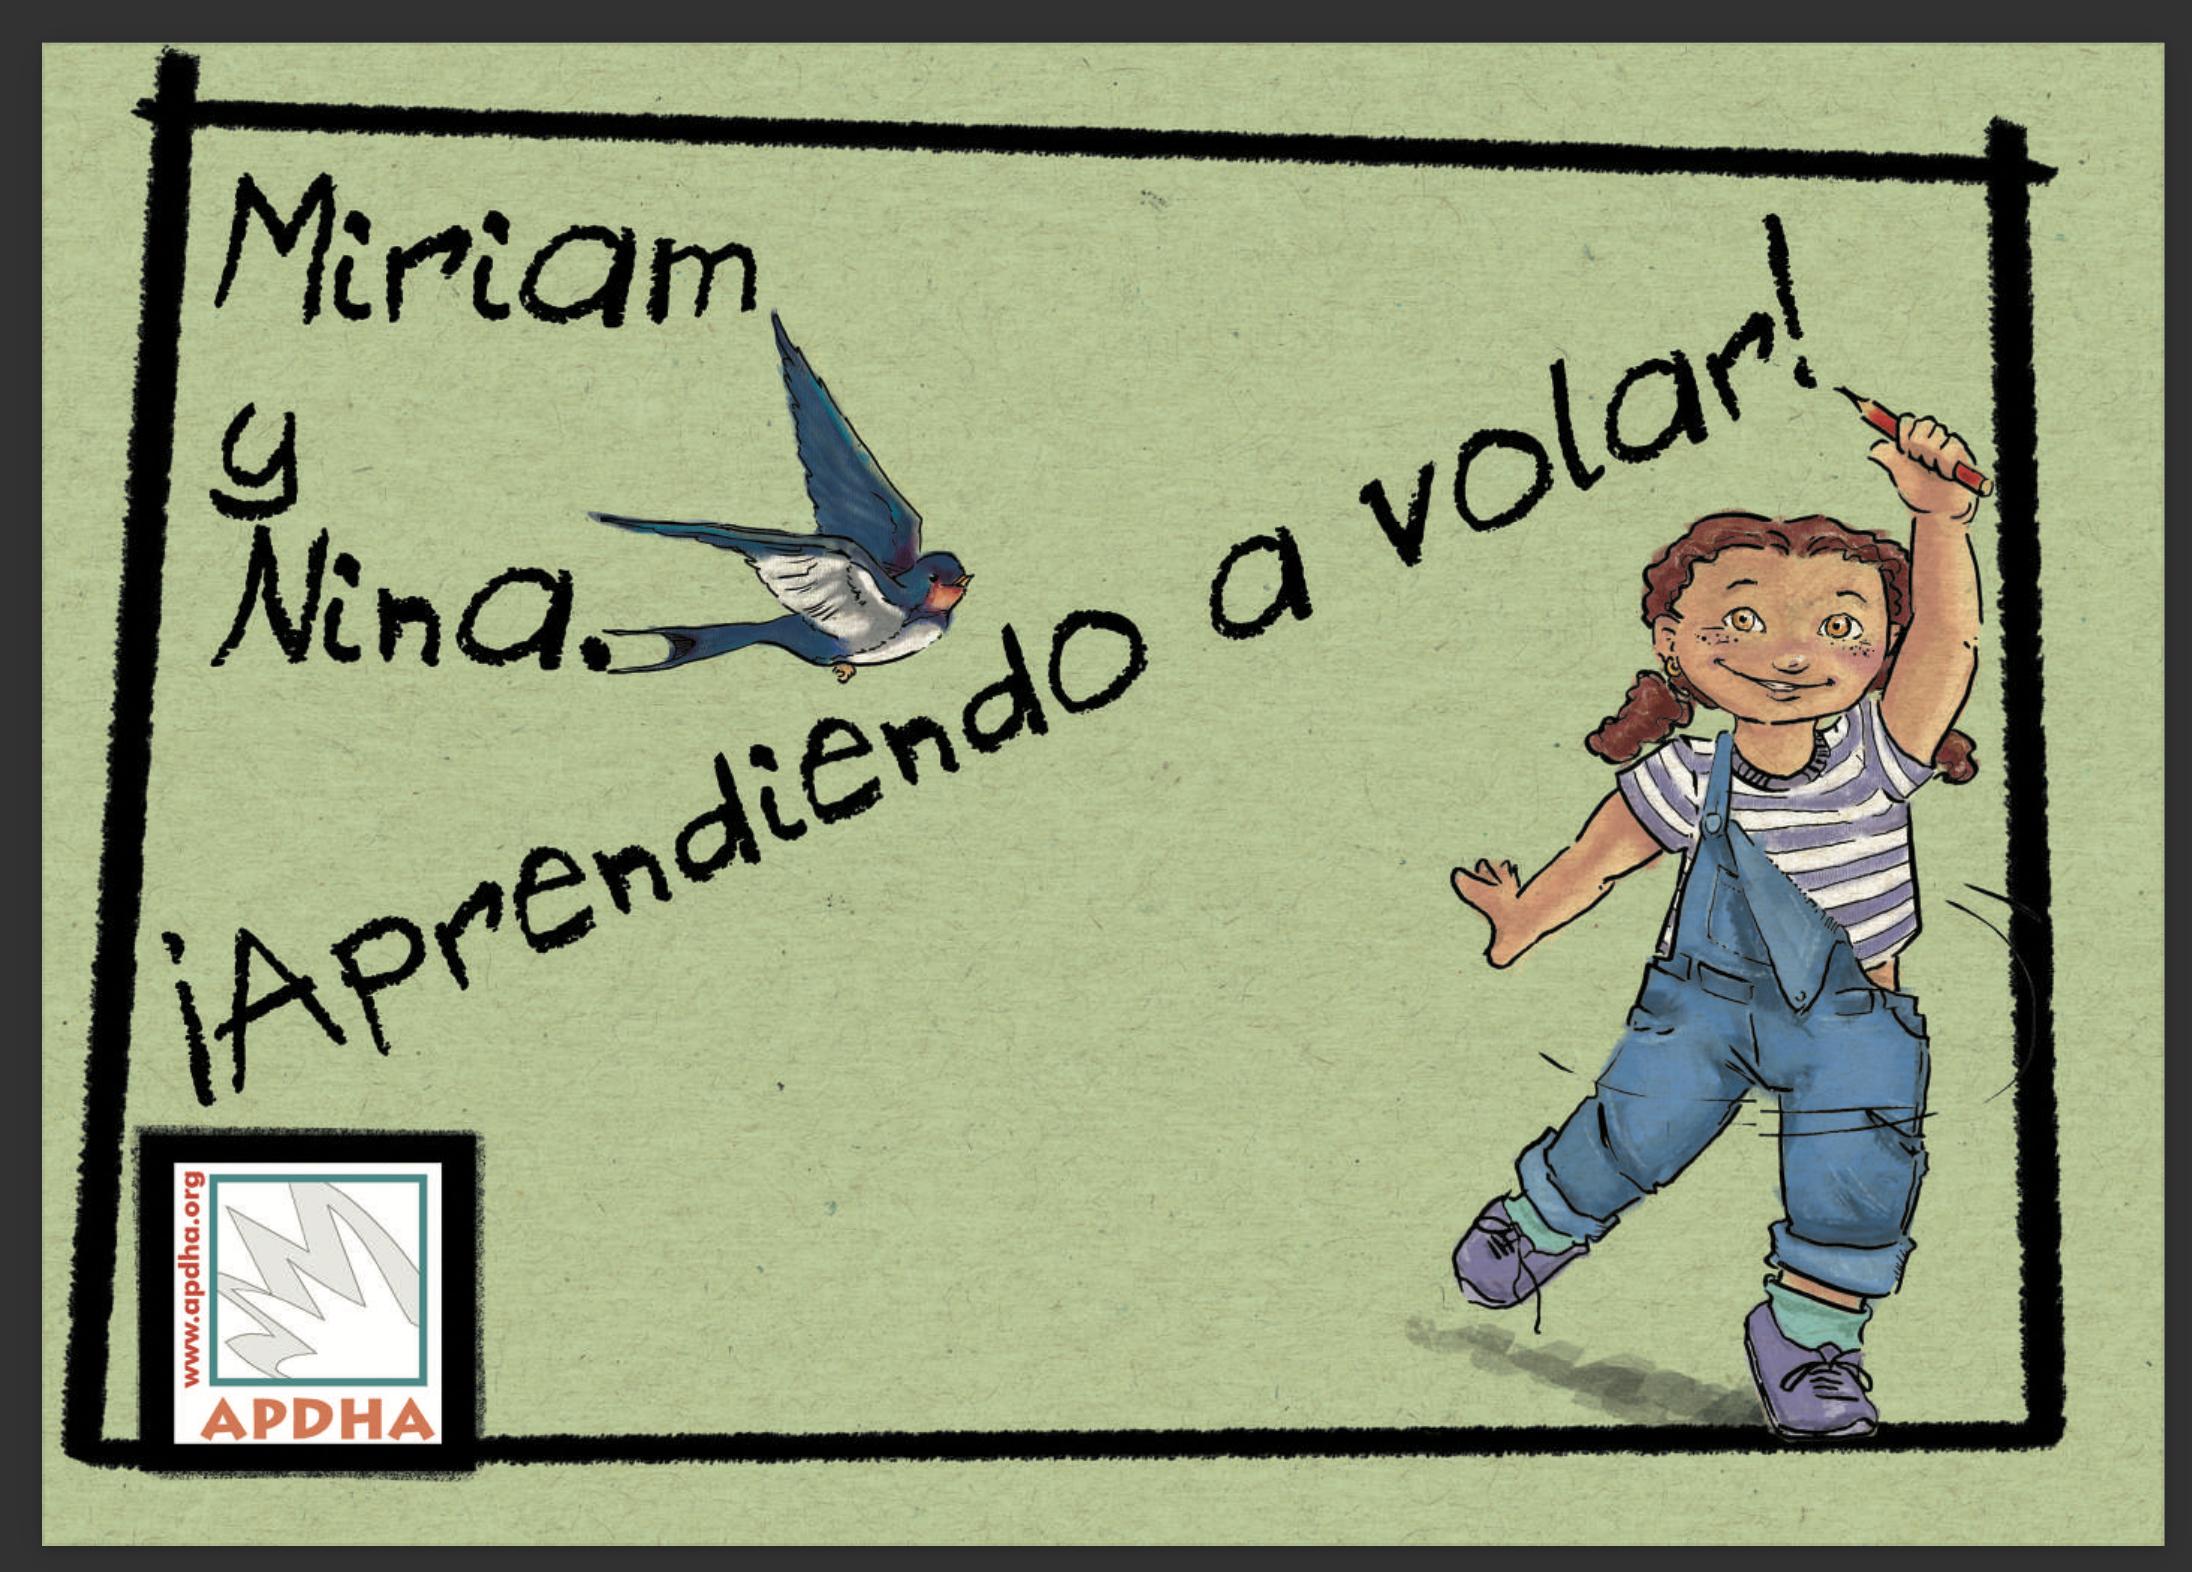 Cuento infantil Miriam y Nina ¡Aprendiendo a volar!